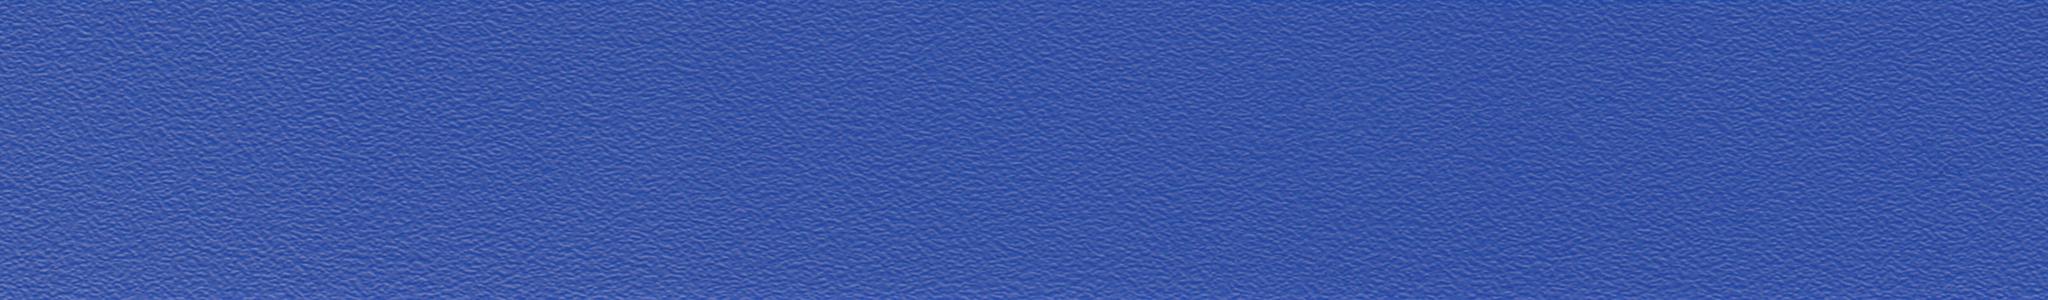 HU 15527 кромка ABS синяя жемчуг XG